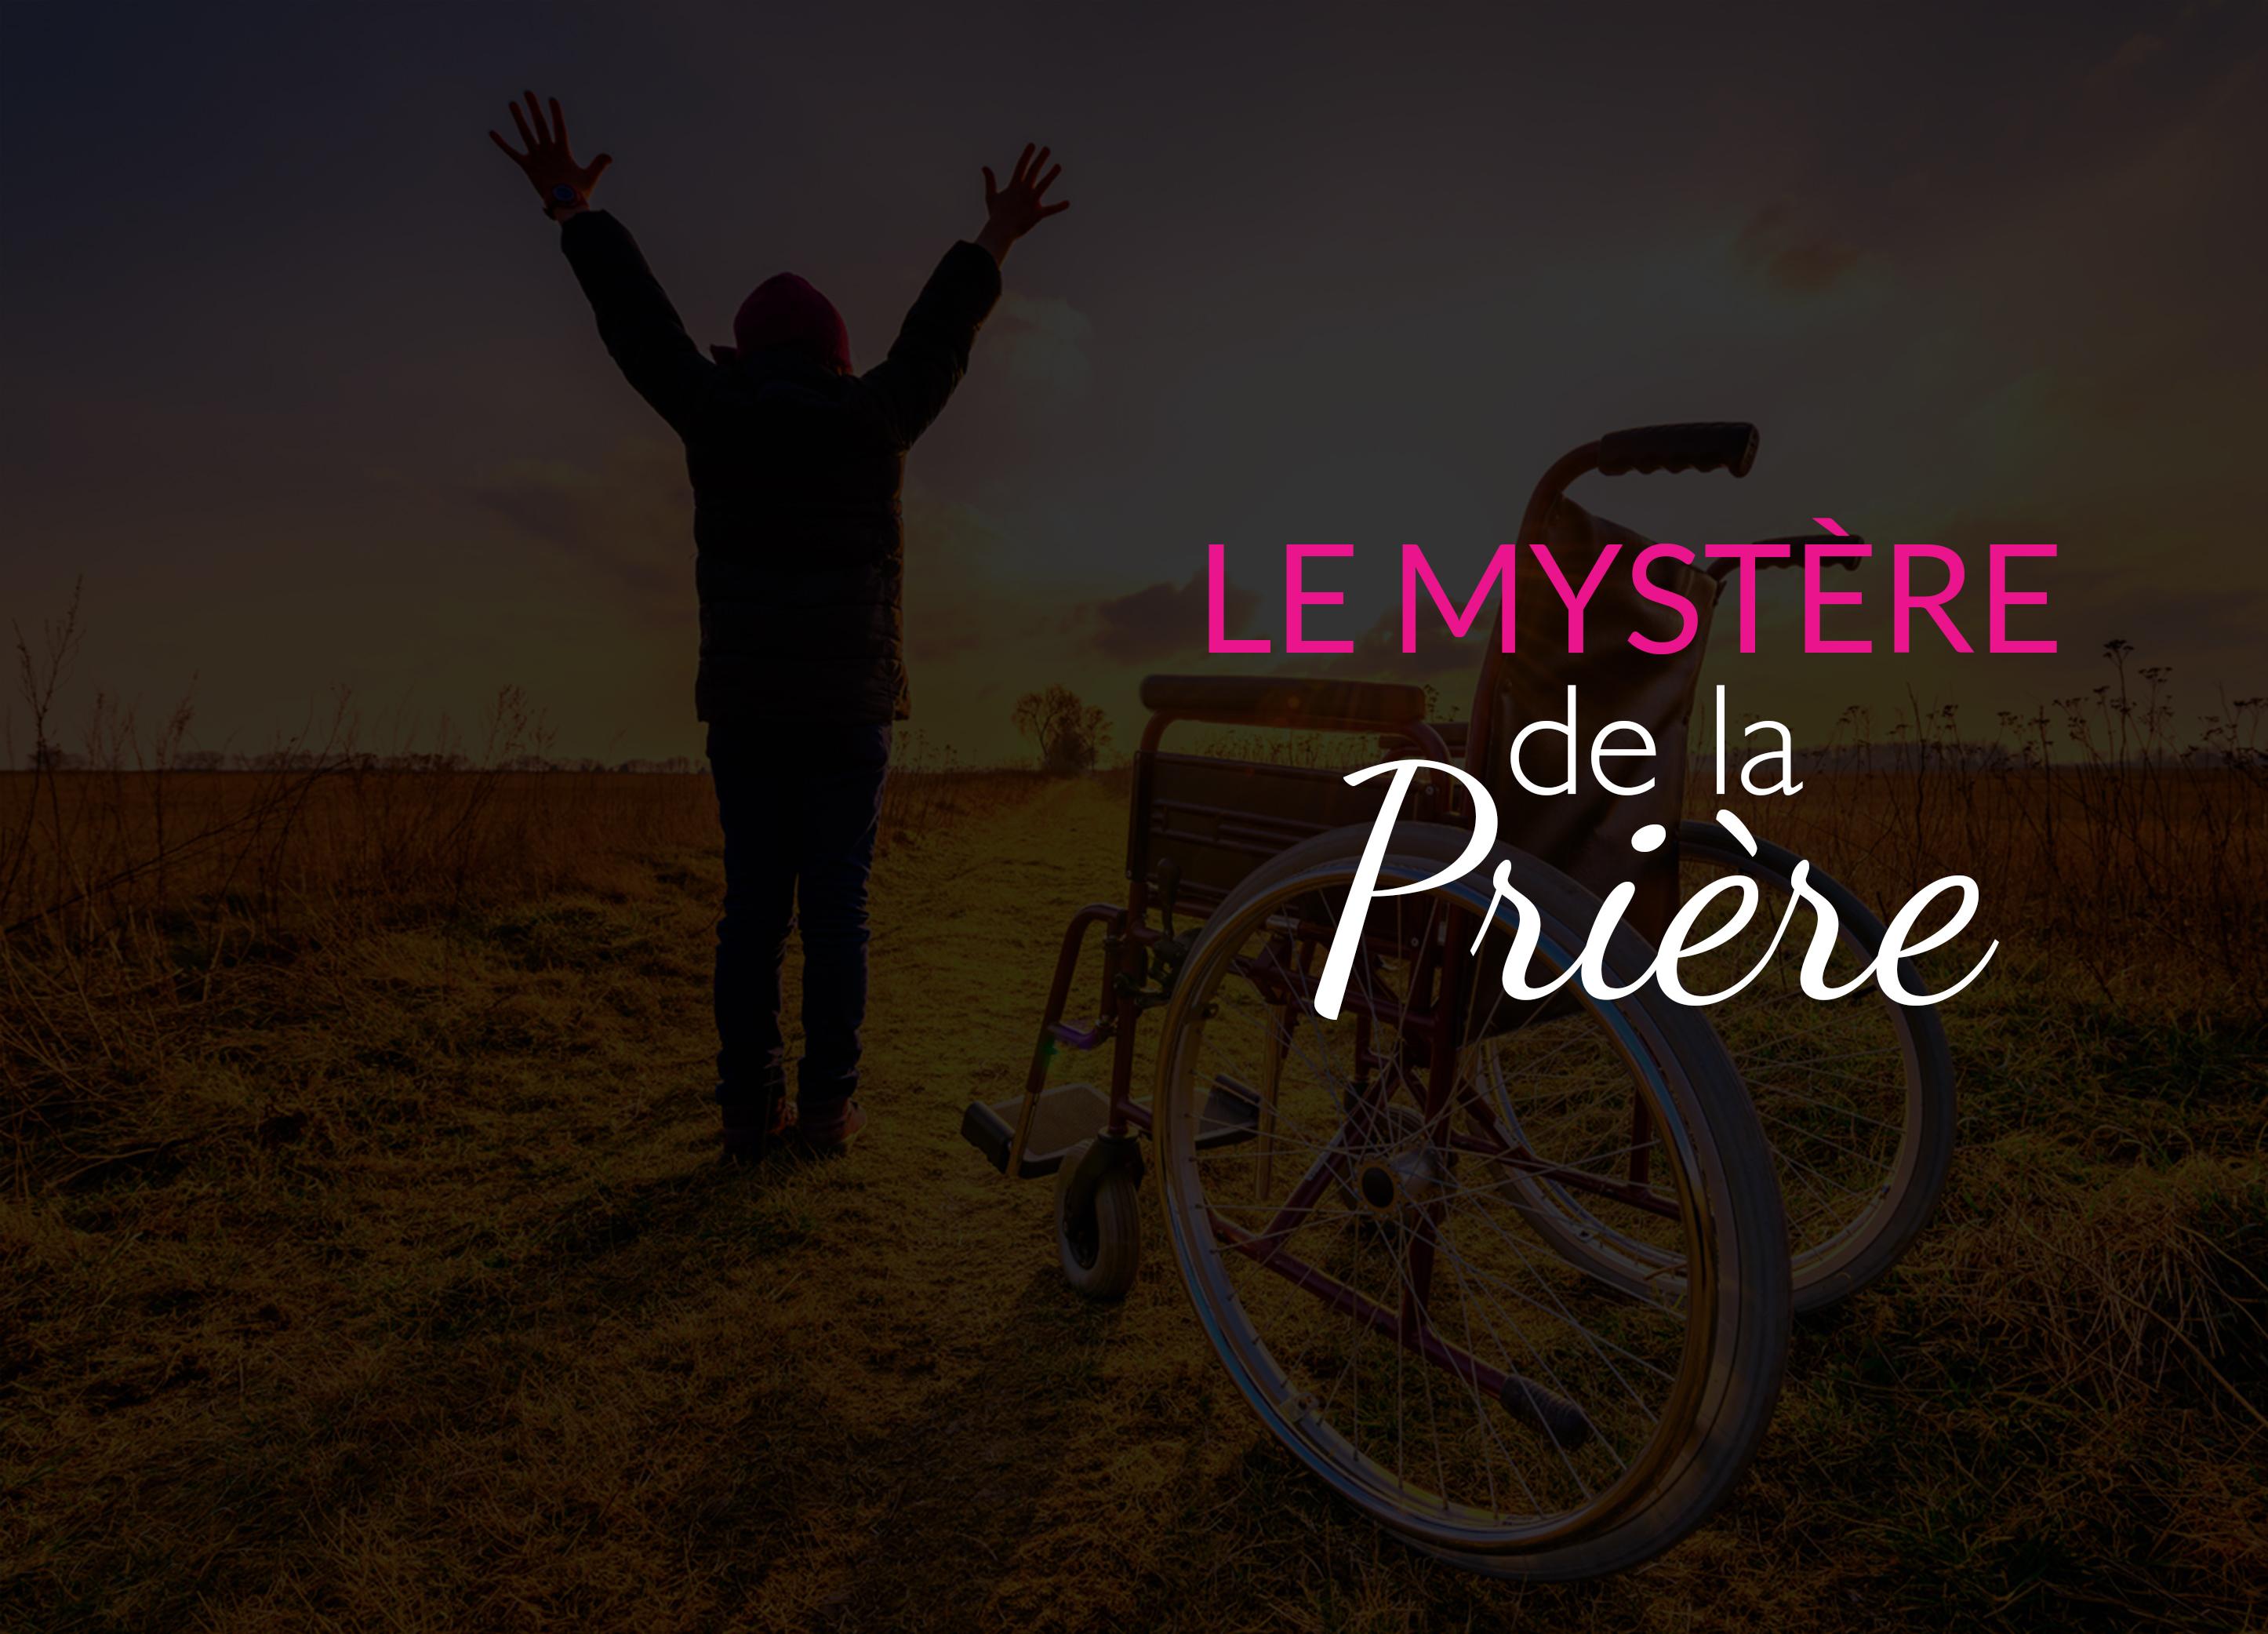 3- Le mystère de la prière